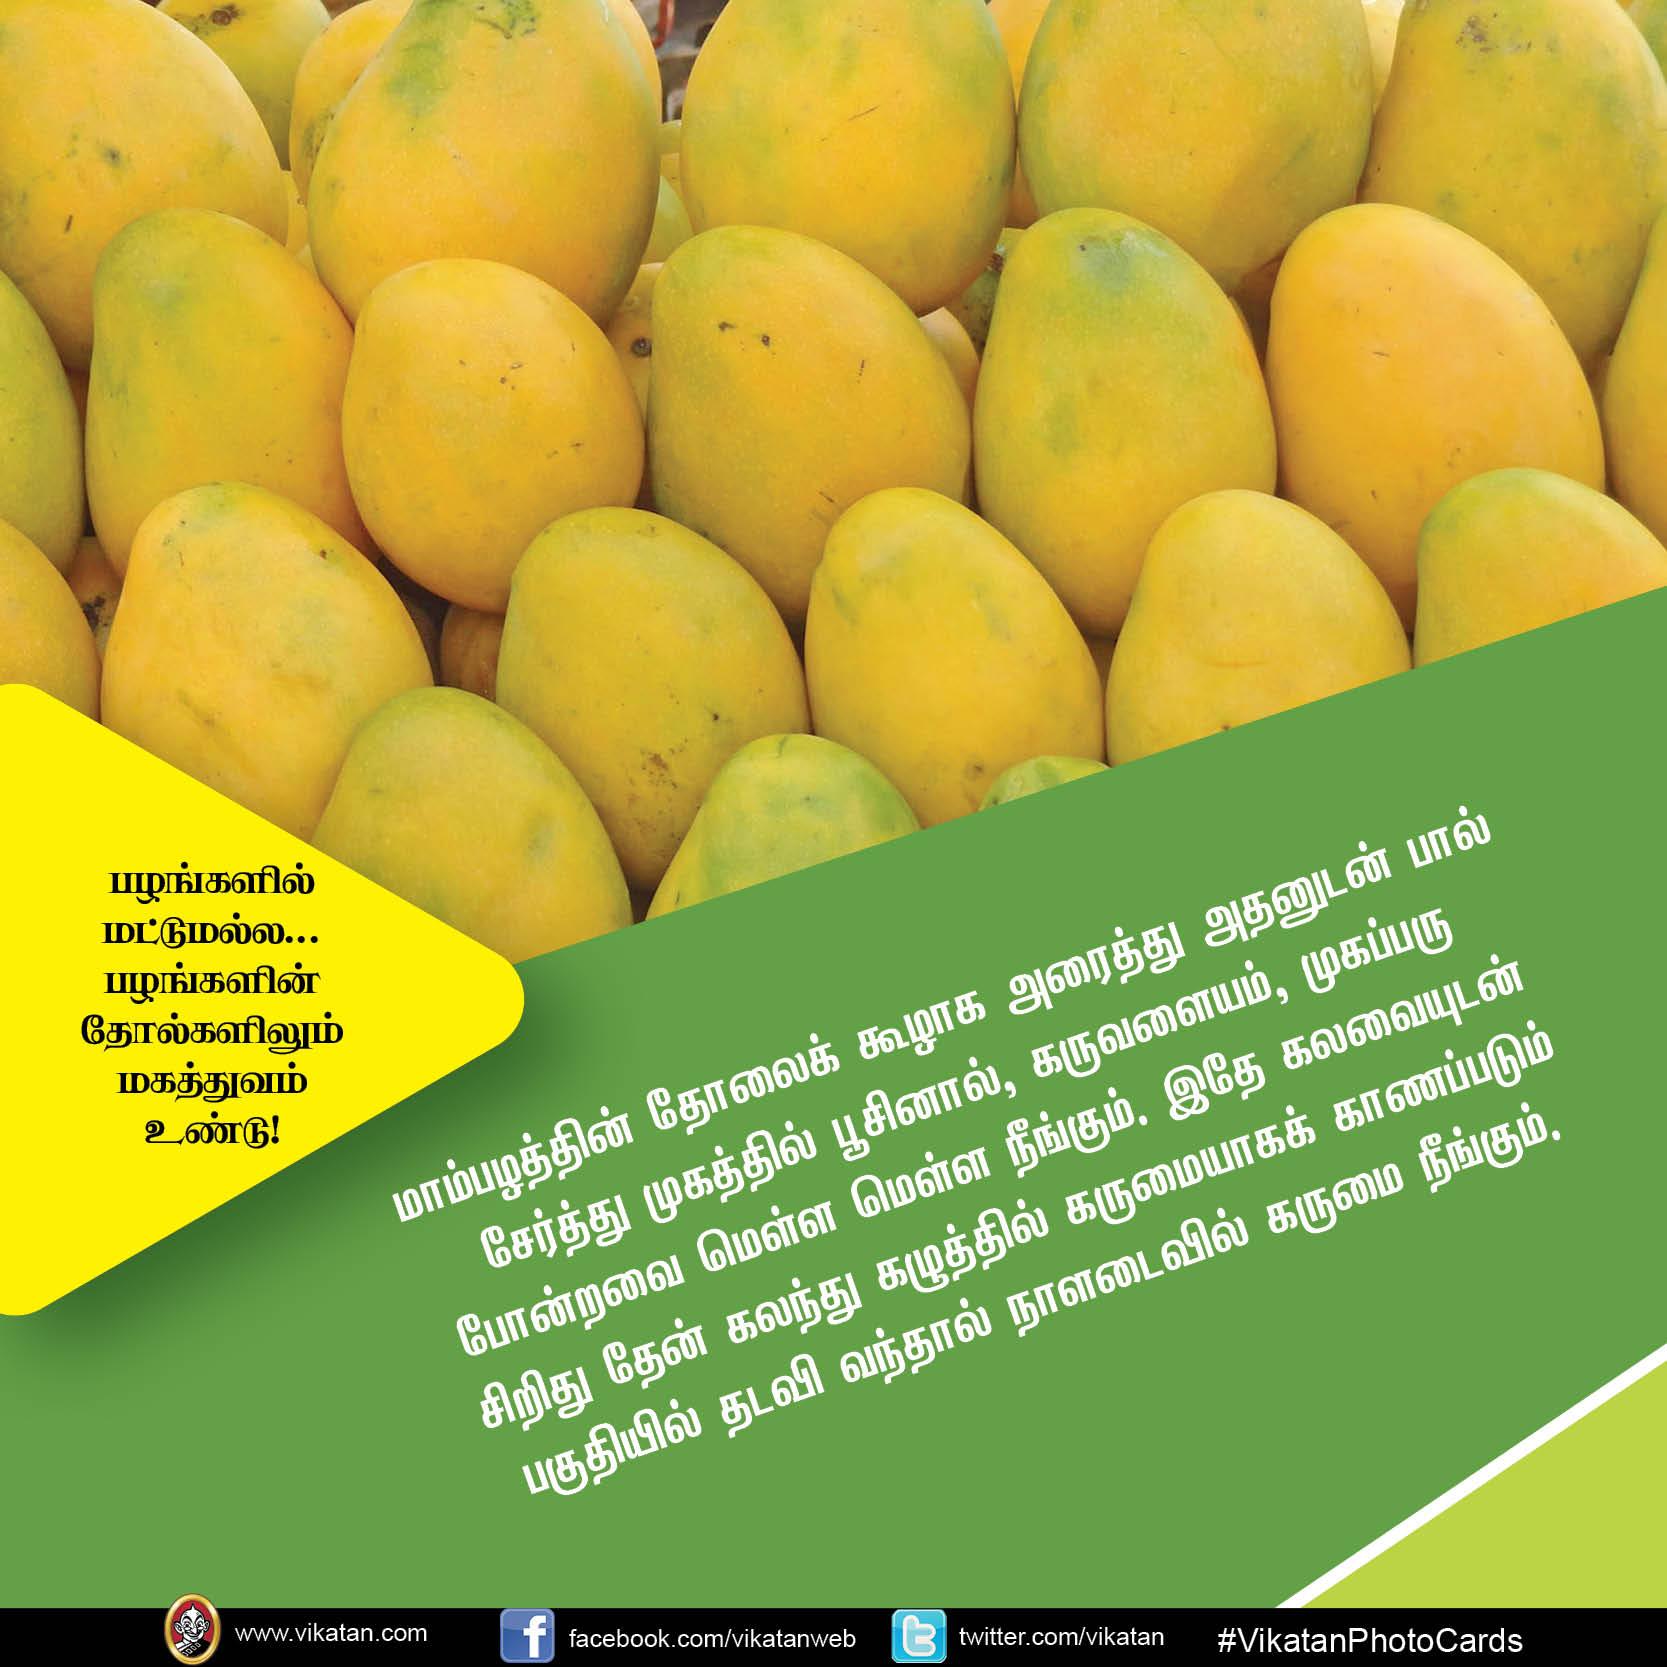 ஆரஞ்சு, மாதுளம் உள்ளிட்ட பழத்தோல்களின் நன்மைகள்! #VikatanPhotoCard